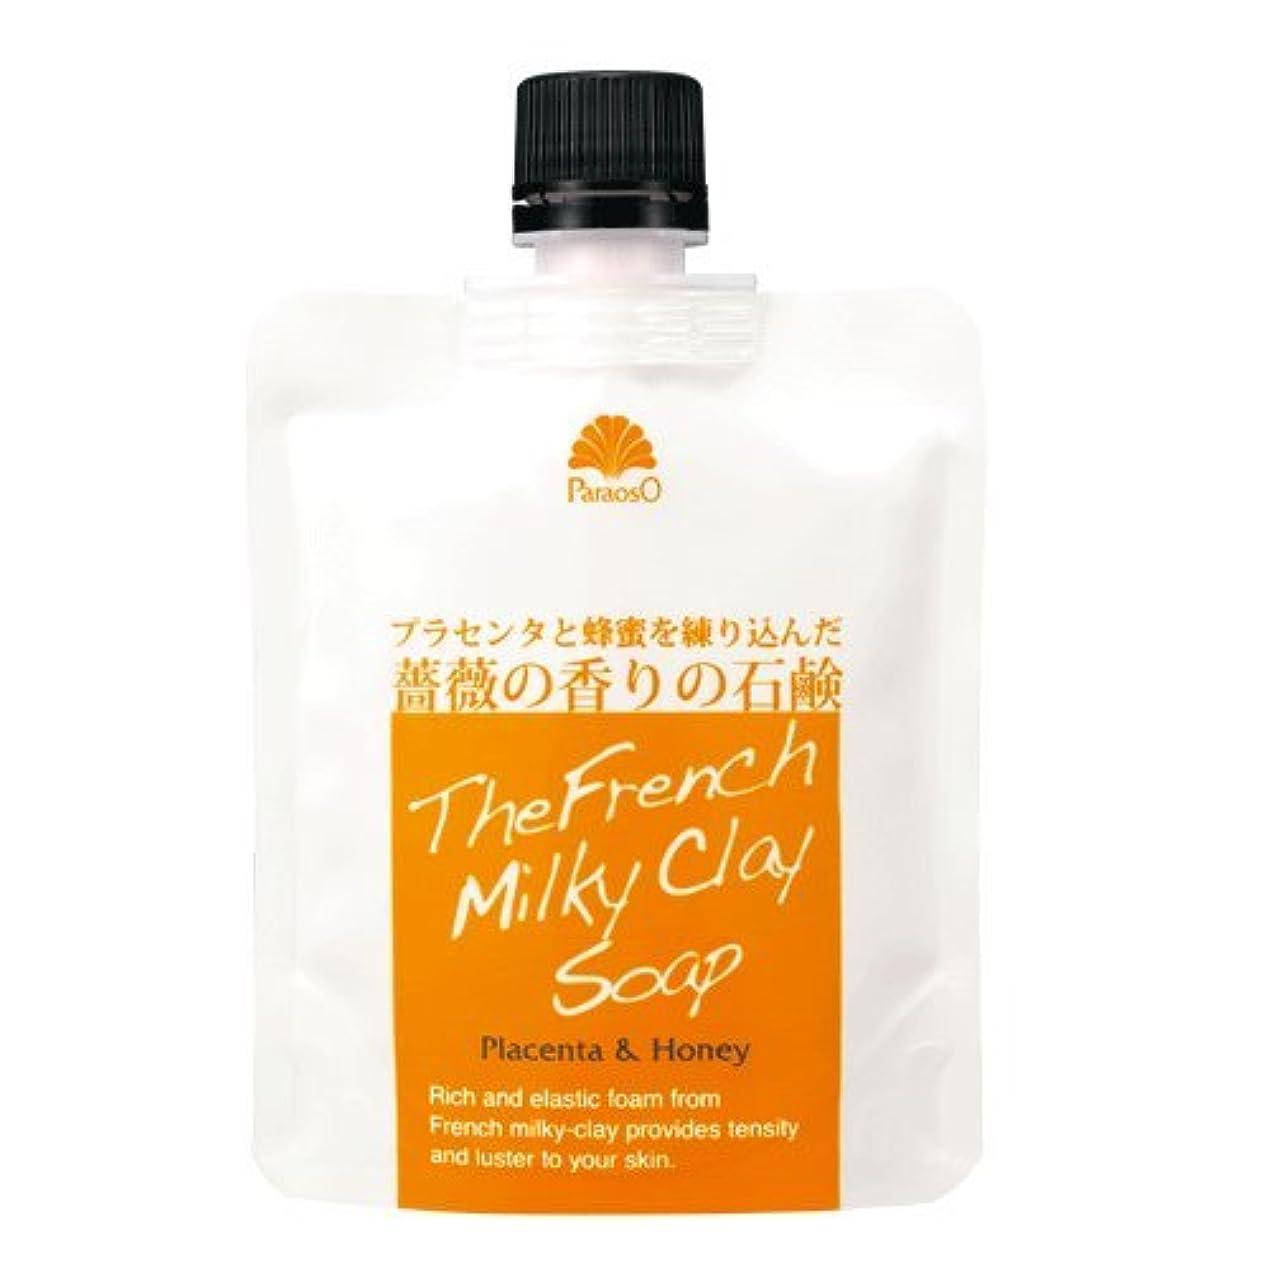 求めるアーティファクト勝者プラセンタと蜂蜜を練り込んだ薔薇の香りの生石鹸 パラオソフレンチクレイソープ 1個